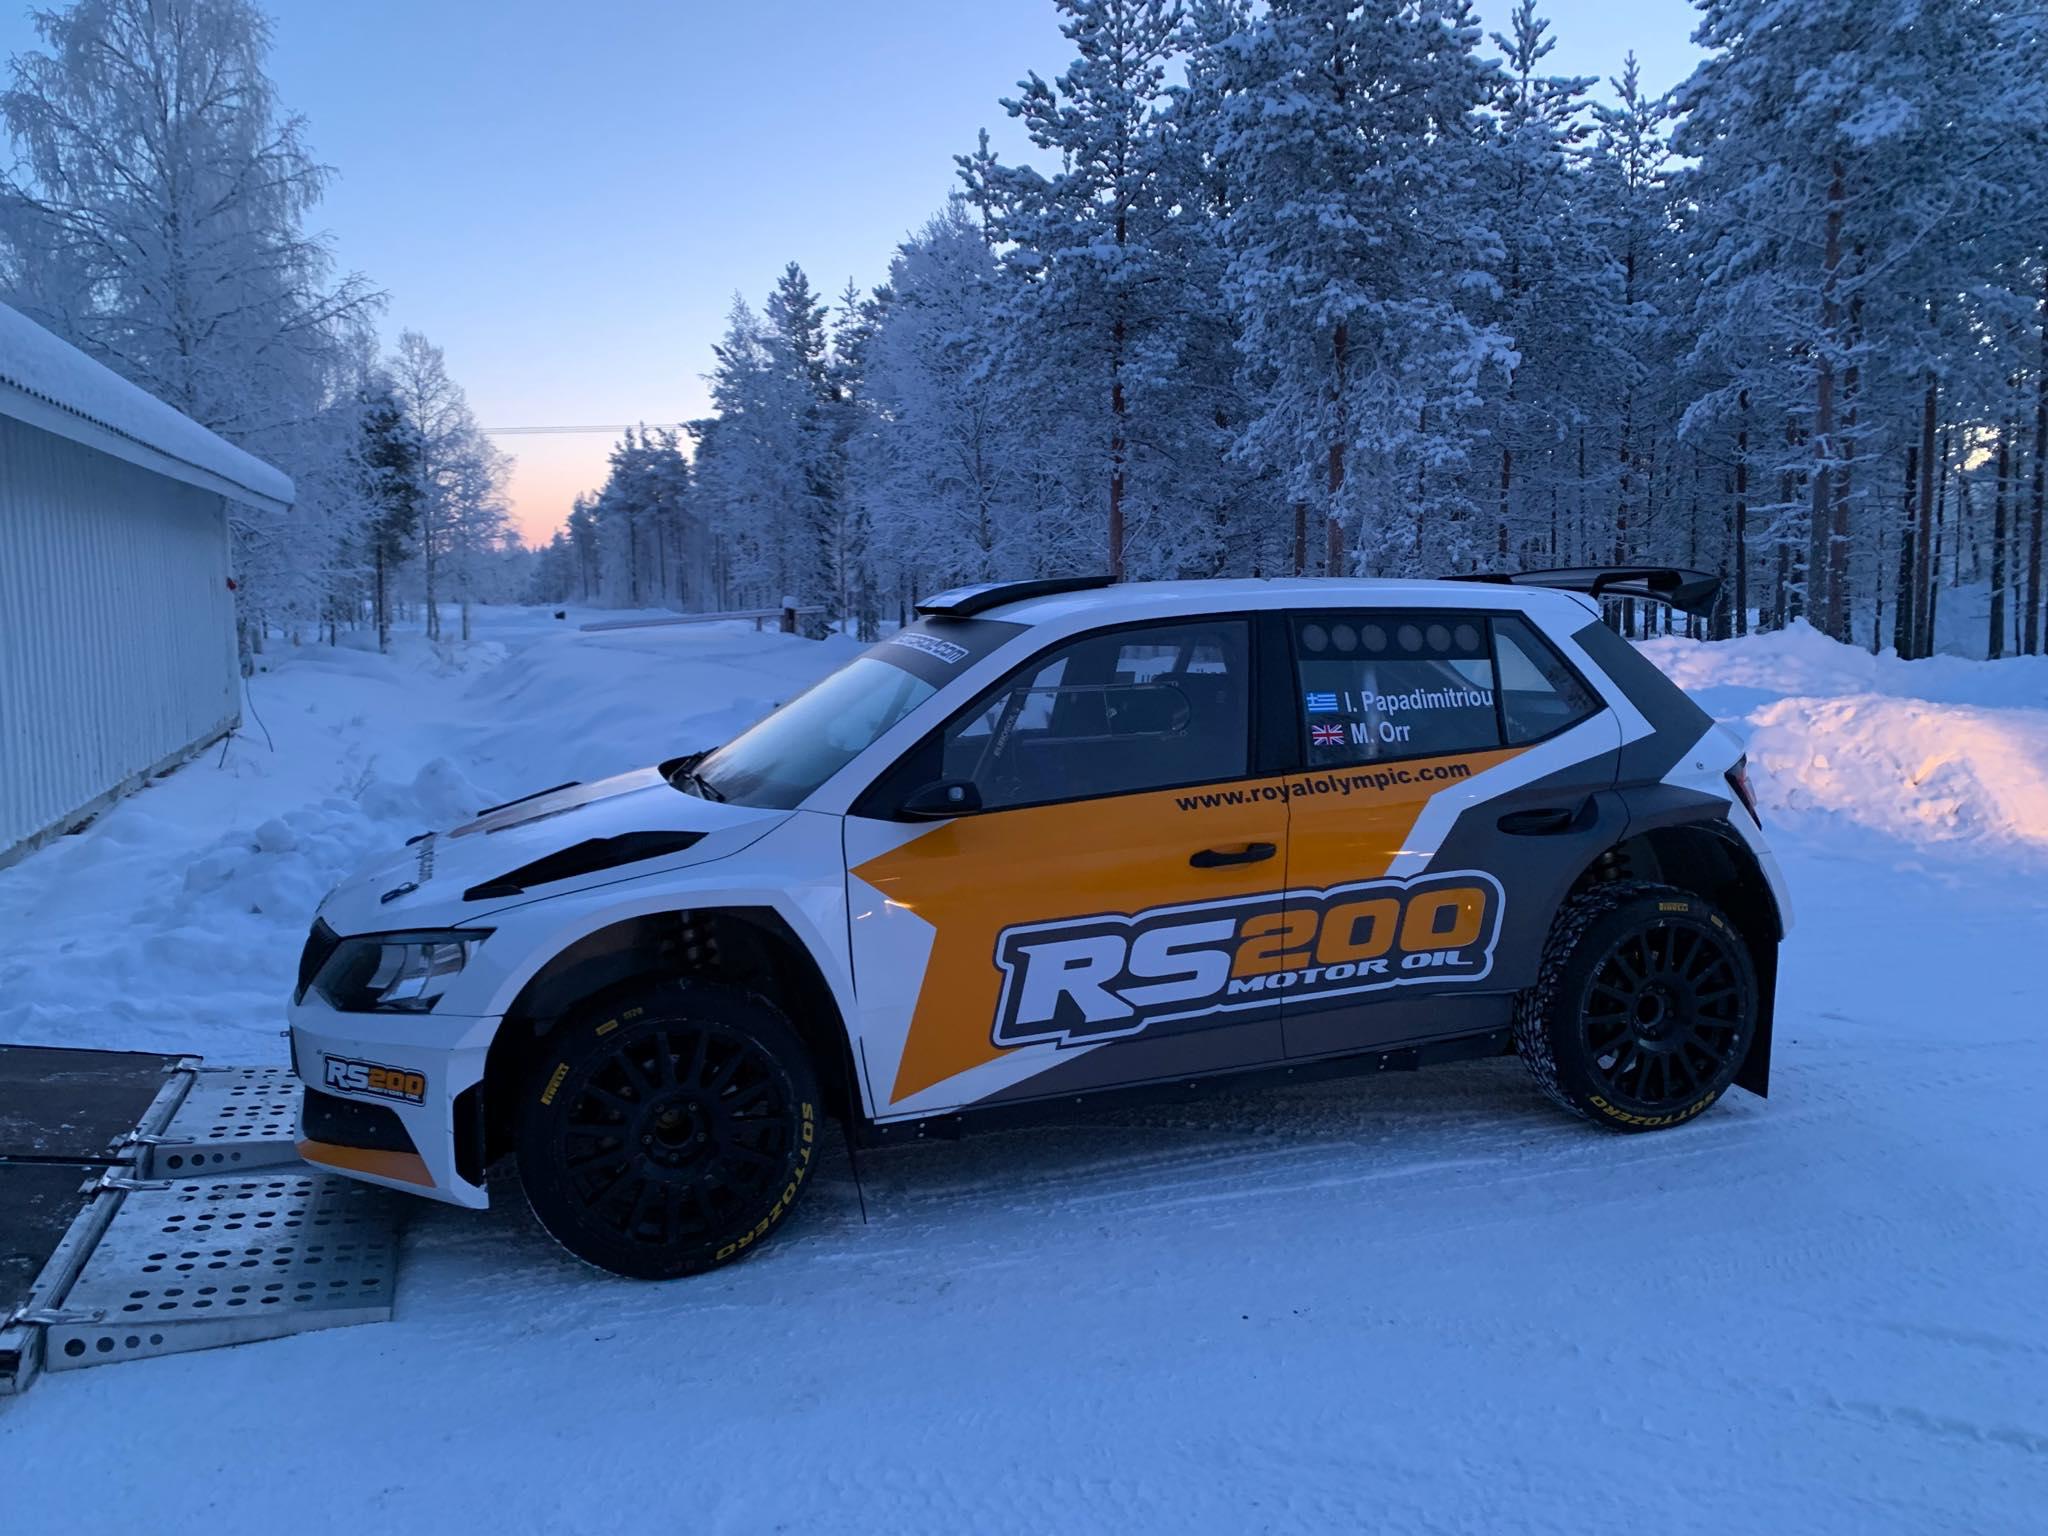 Ράλλυ Αρκτικής - RS200 Motor Oil Team: Σαν …τα χιόνια!